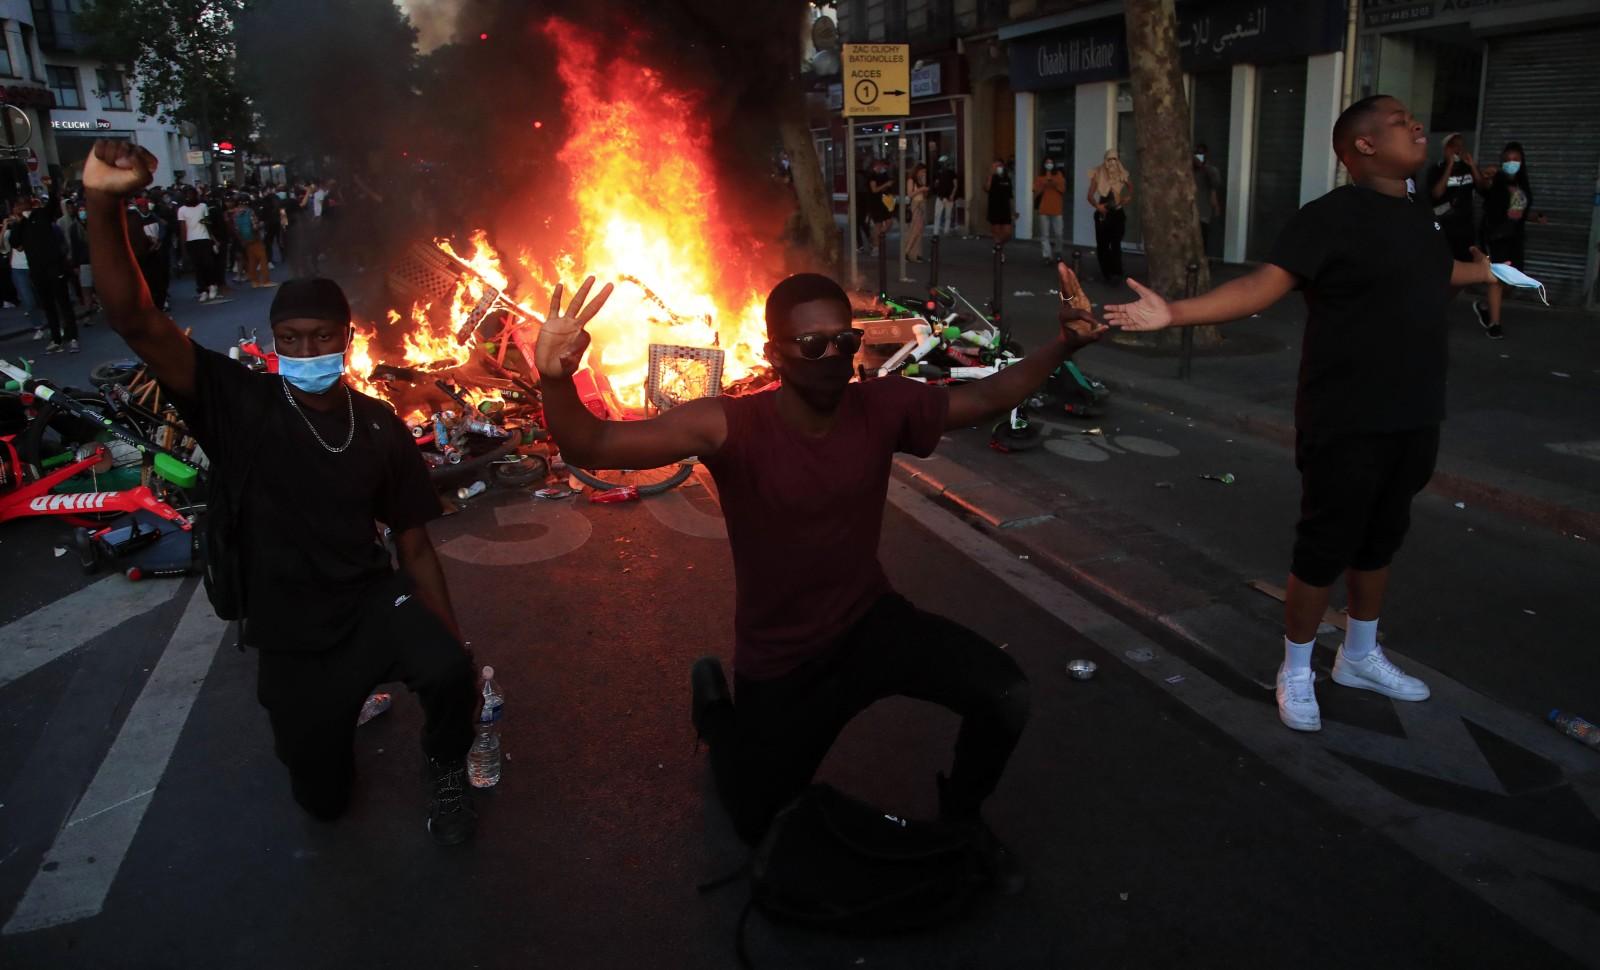 Le 2 juin, la manifestation du comité Assa Traoré dégénère à Paris © Michel Euler/AP/SIPA Numéro de reportage: AP22460788_000002